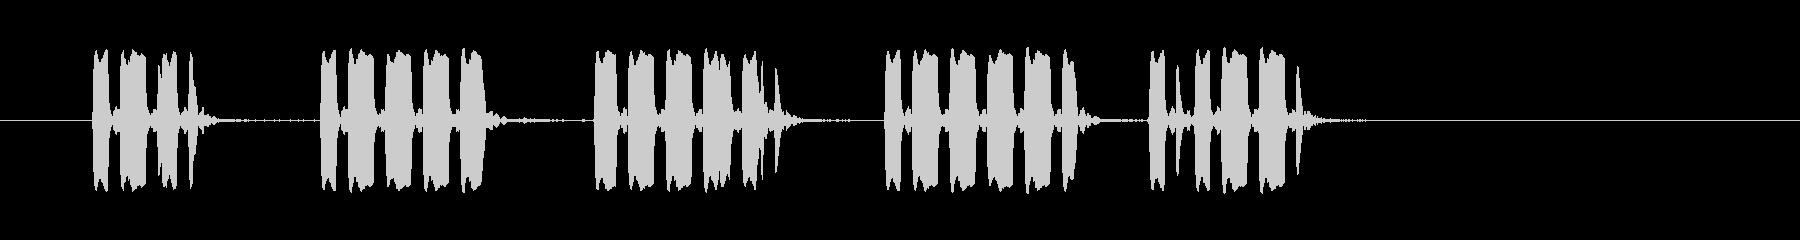 警報;電子音、ラピッドトーンの未再生の波形